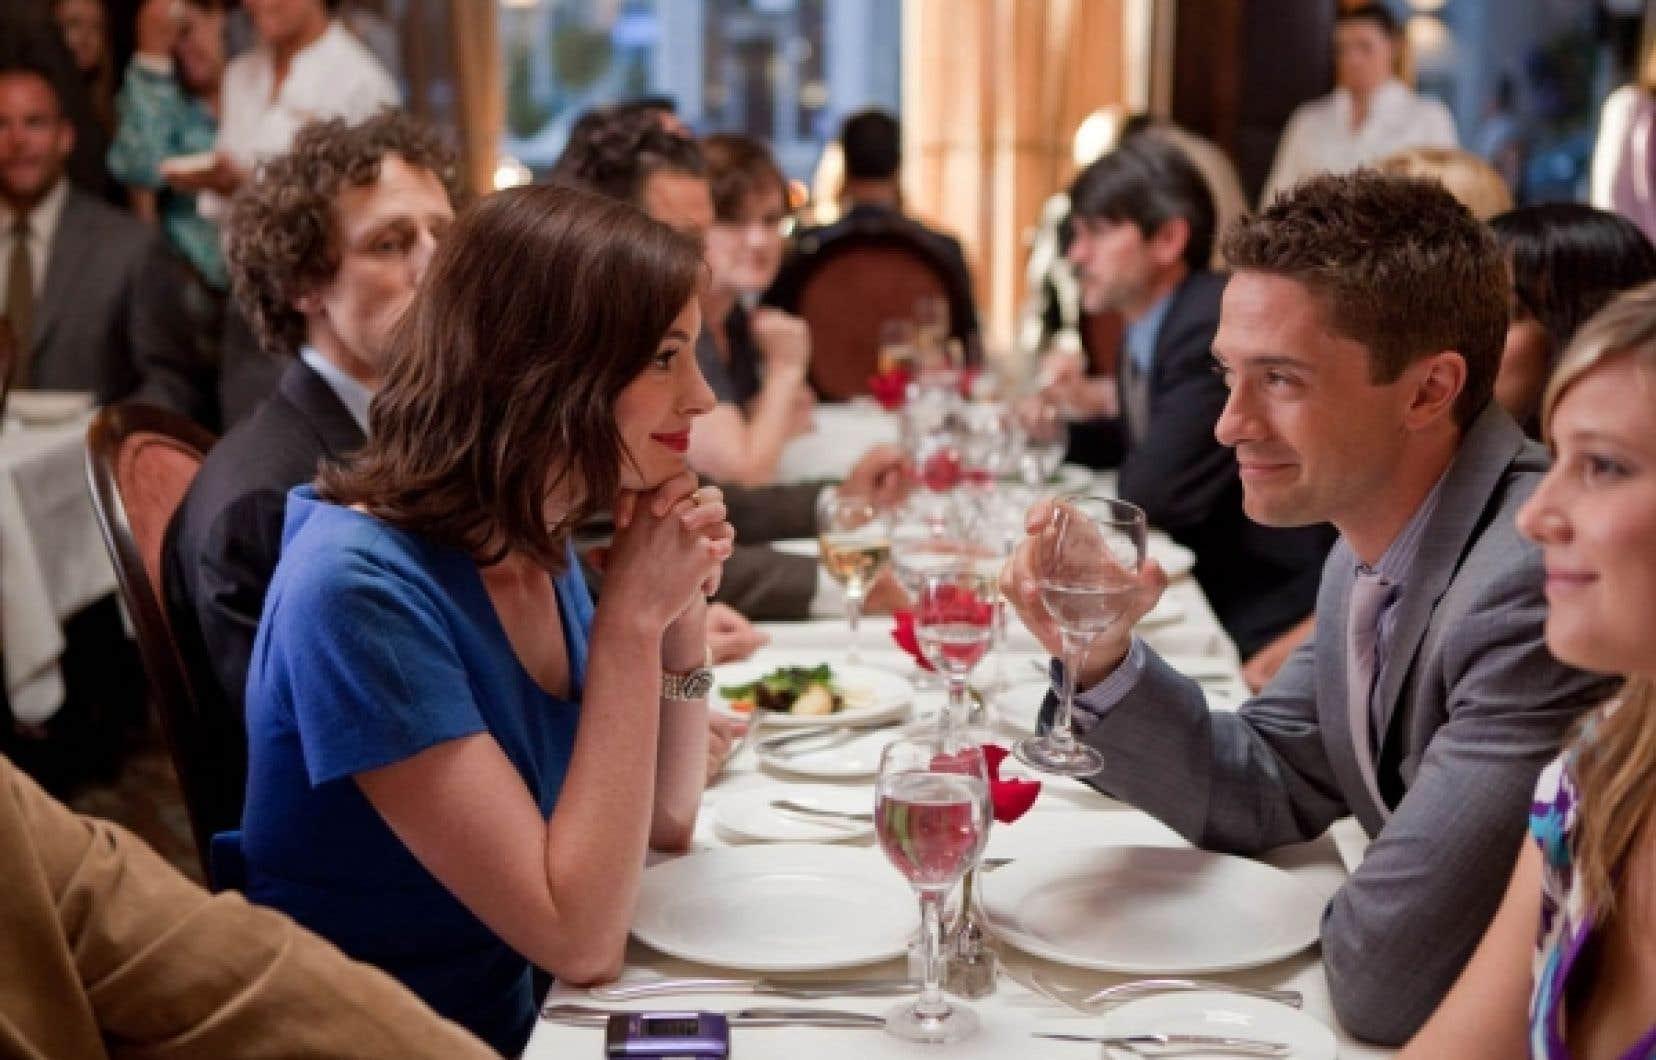 Un jeune commis de bureau (Topher Grace) fait la cour à une secrétaire (Anne Hathaway, le seul élément fort du film)...